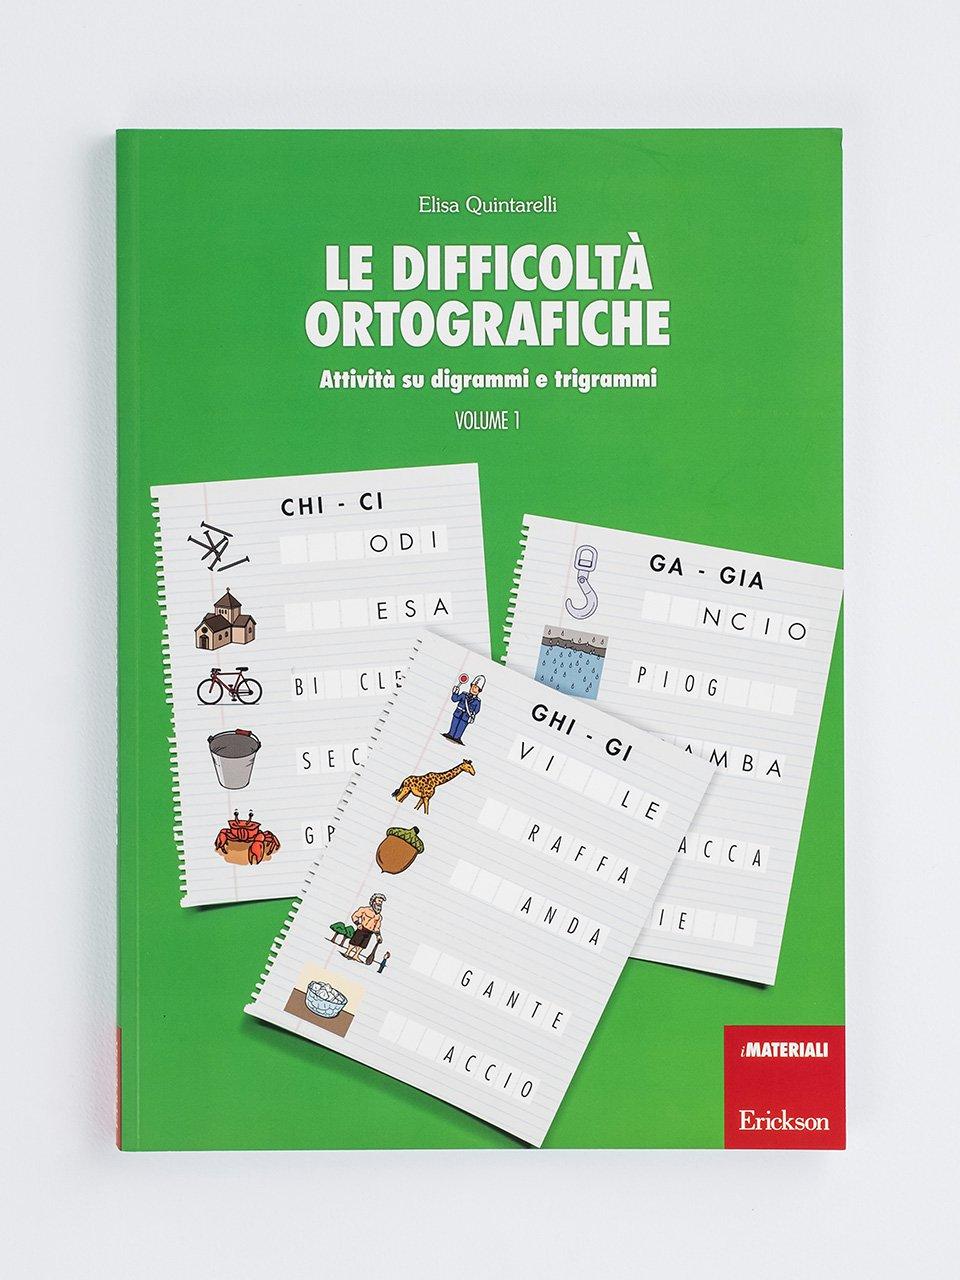 Le difficoltà ortografiche - Volume 1 - Schede per Tablotto (6-8 anni) - Grammatica incant - Giochi - Erickson 2